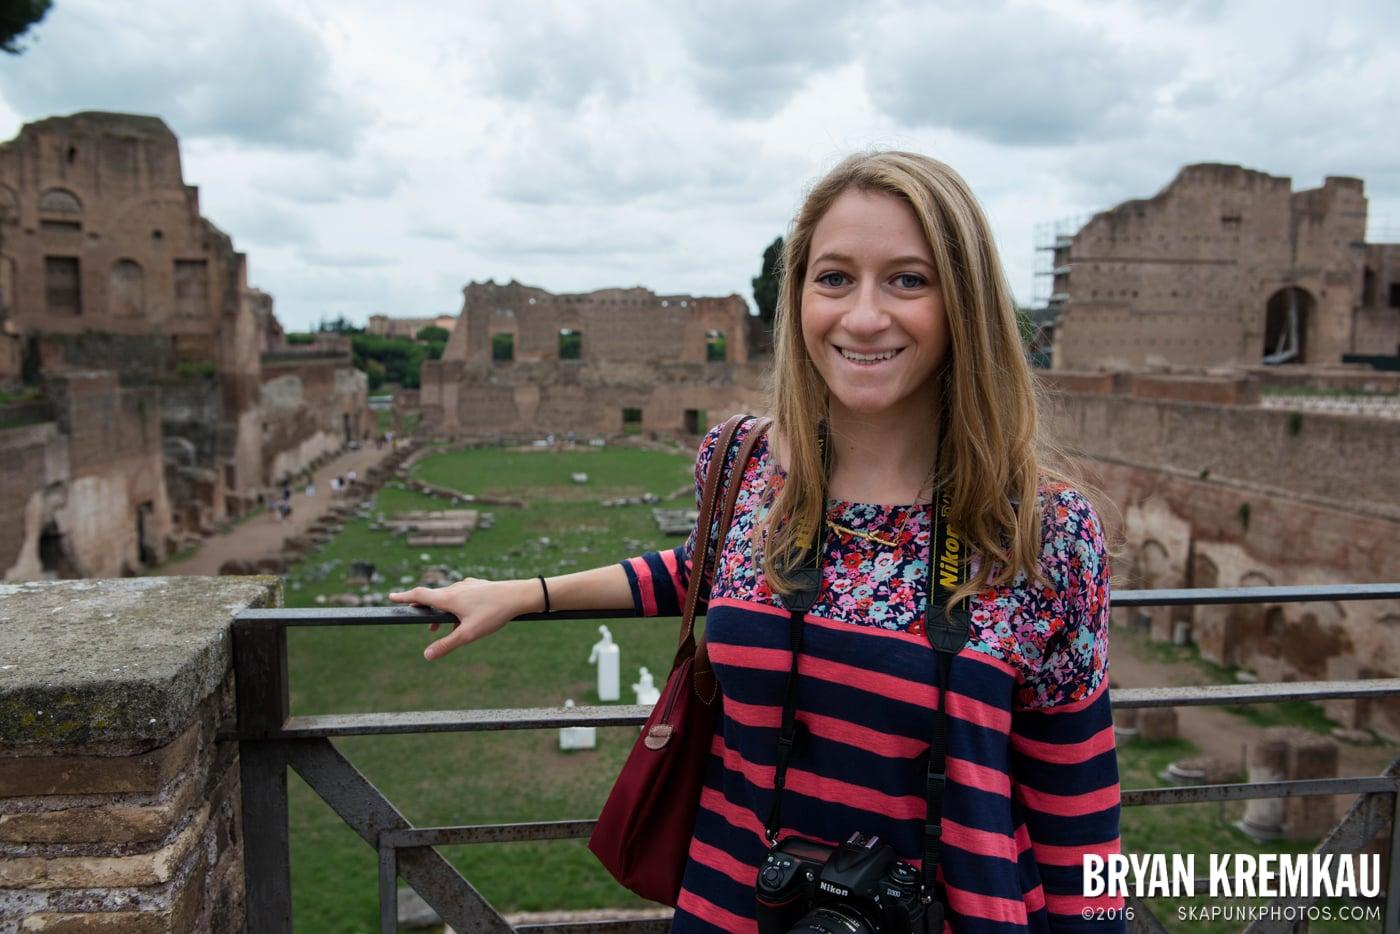 Italy Vacation - Day 2: Rome - 9.10.13 (81)